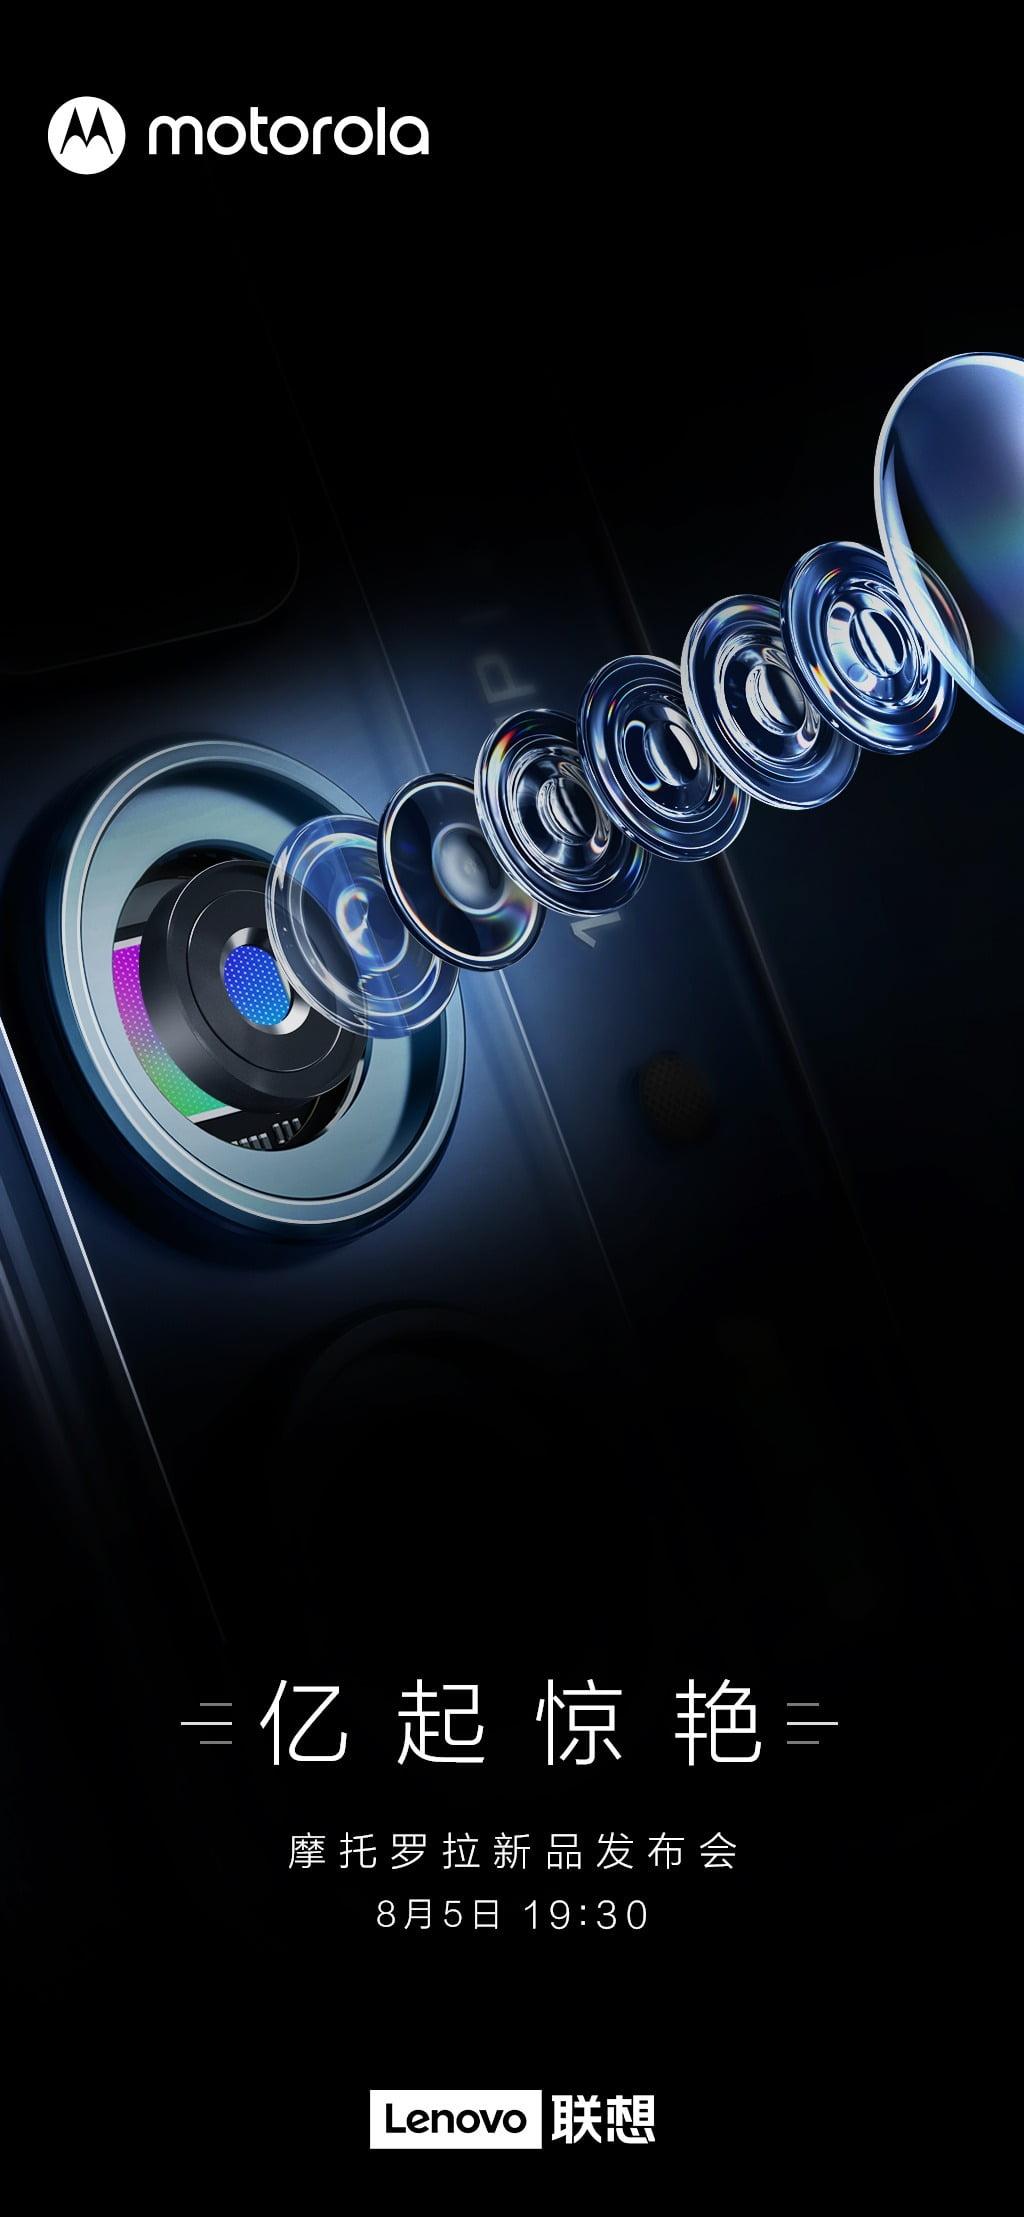 Motorola edge 20 Series Launch Date in China